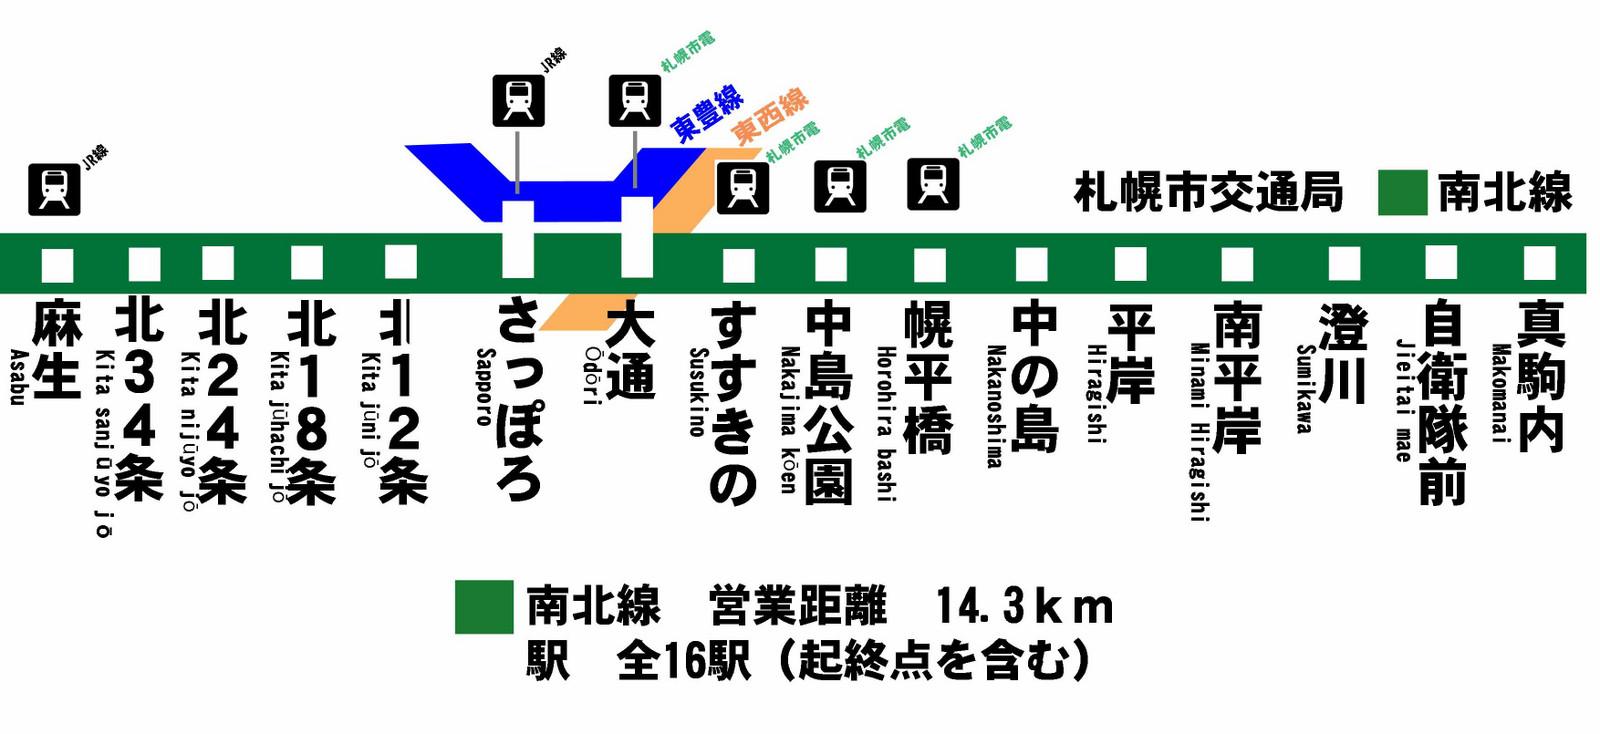 表 札幌 市 地下鉄 時刻